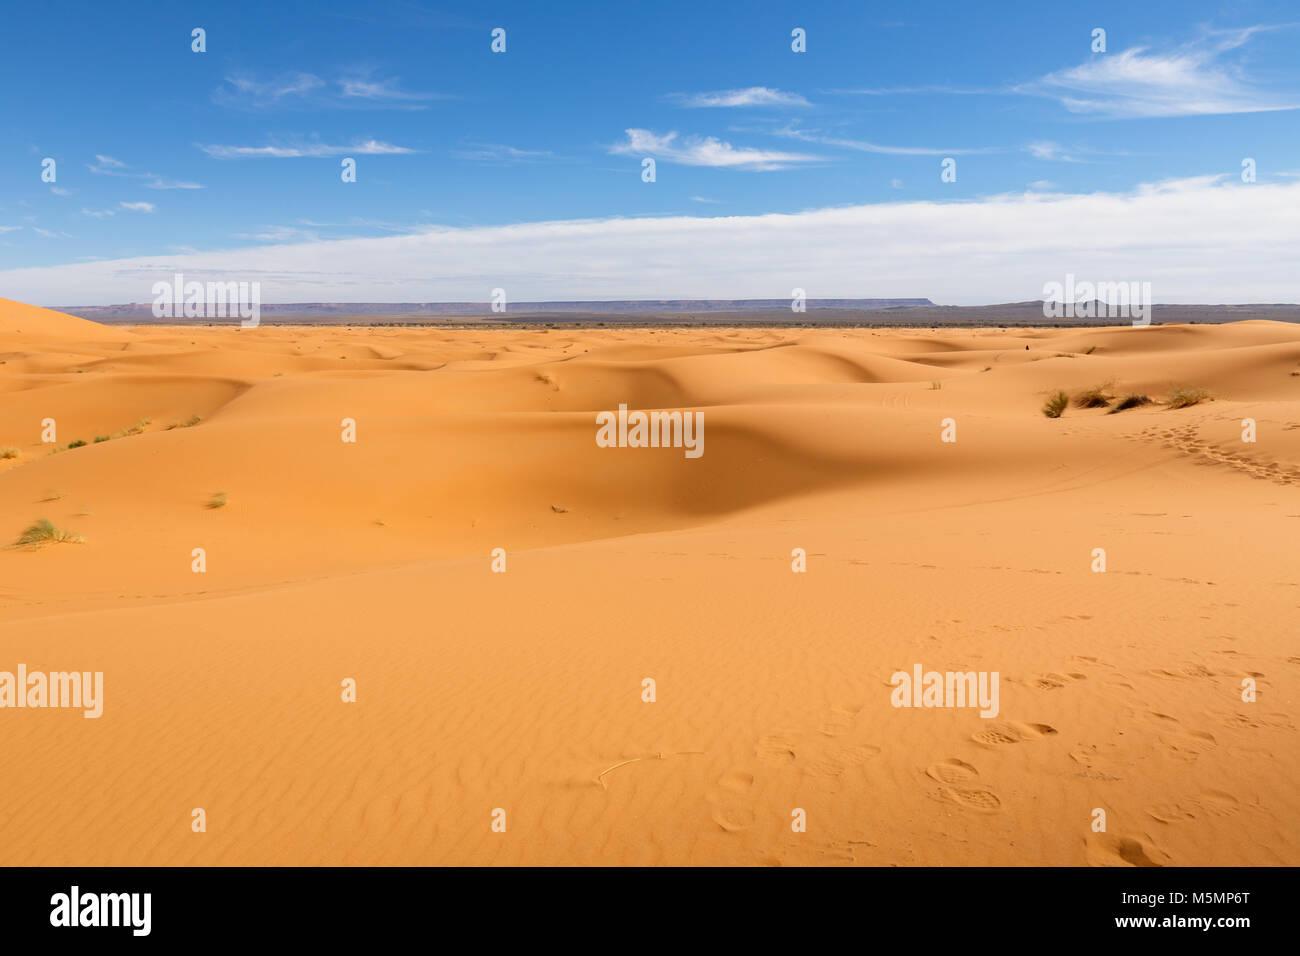 Sand dunes in the Sahara Desert, Morocco - Stock Image